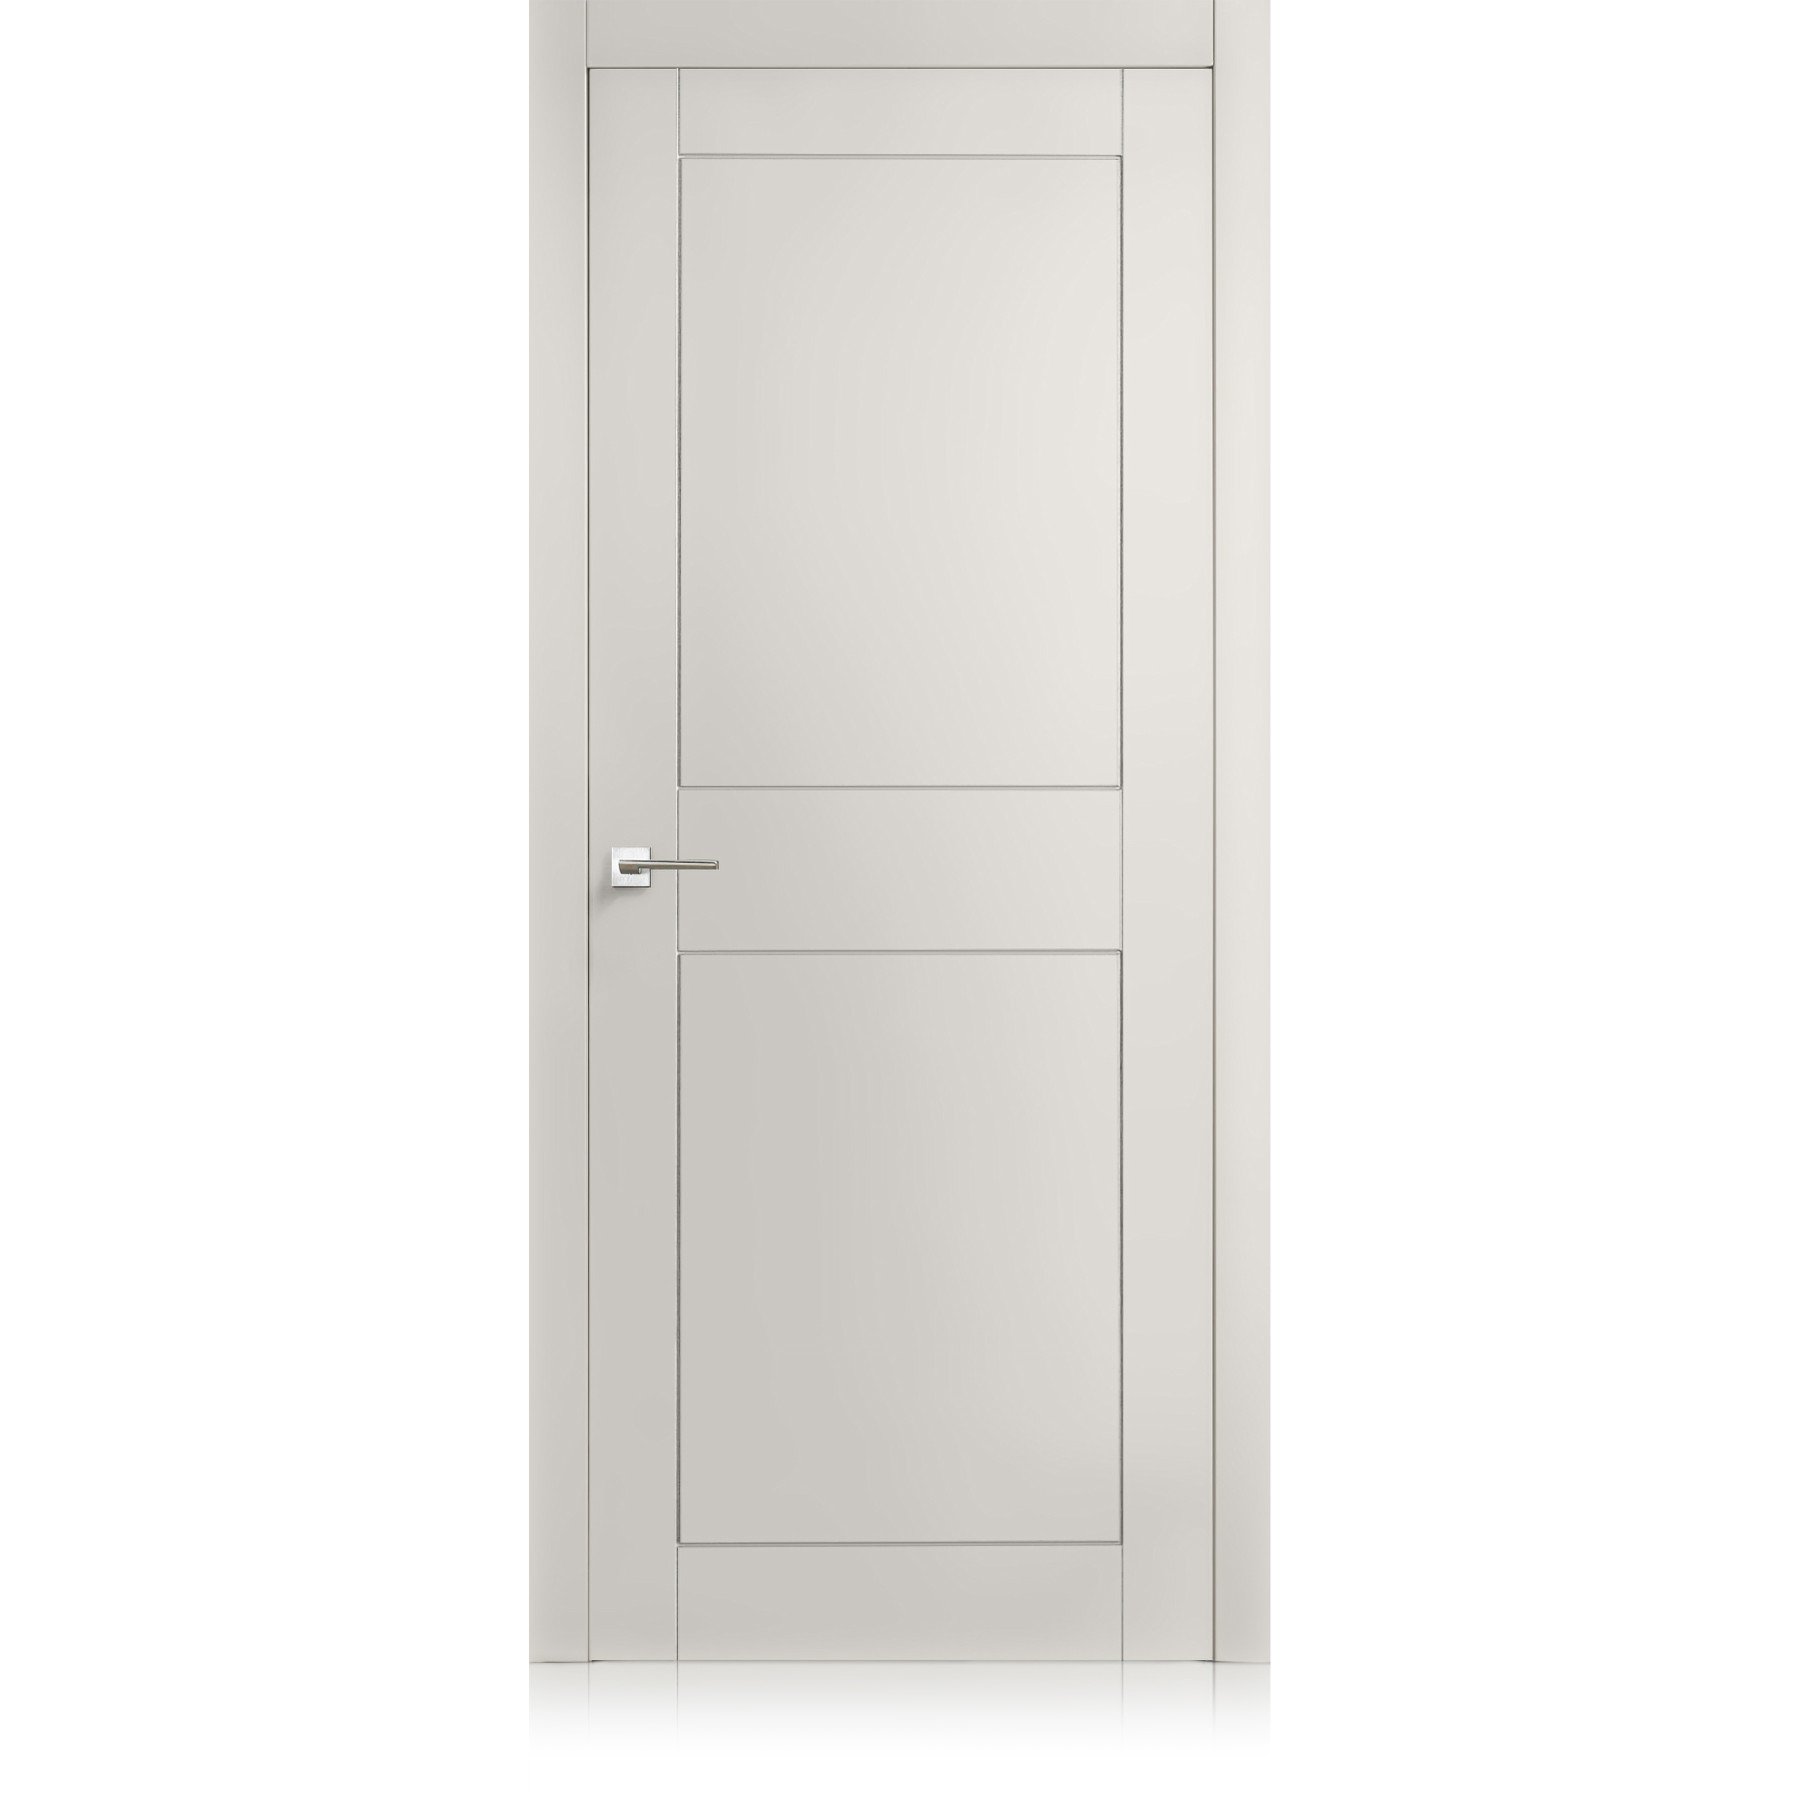 Tür Intaglio / 2 grigio lux